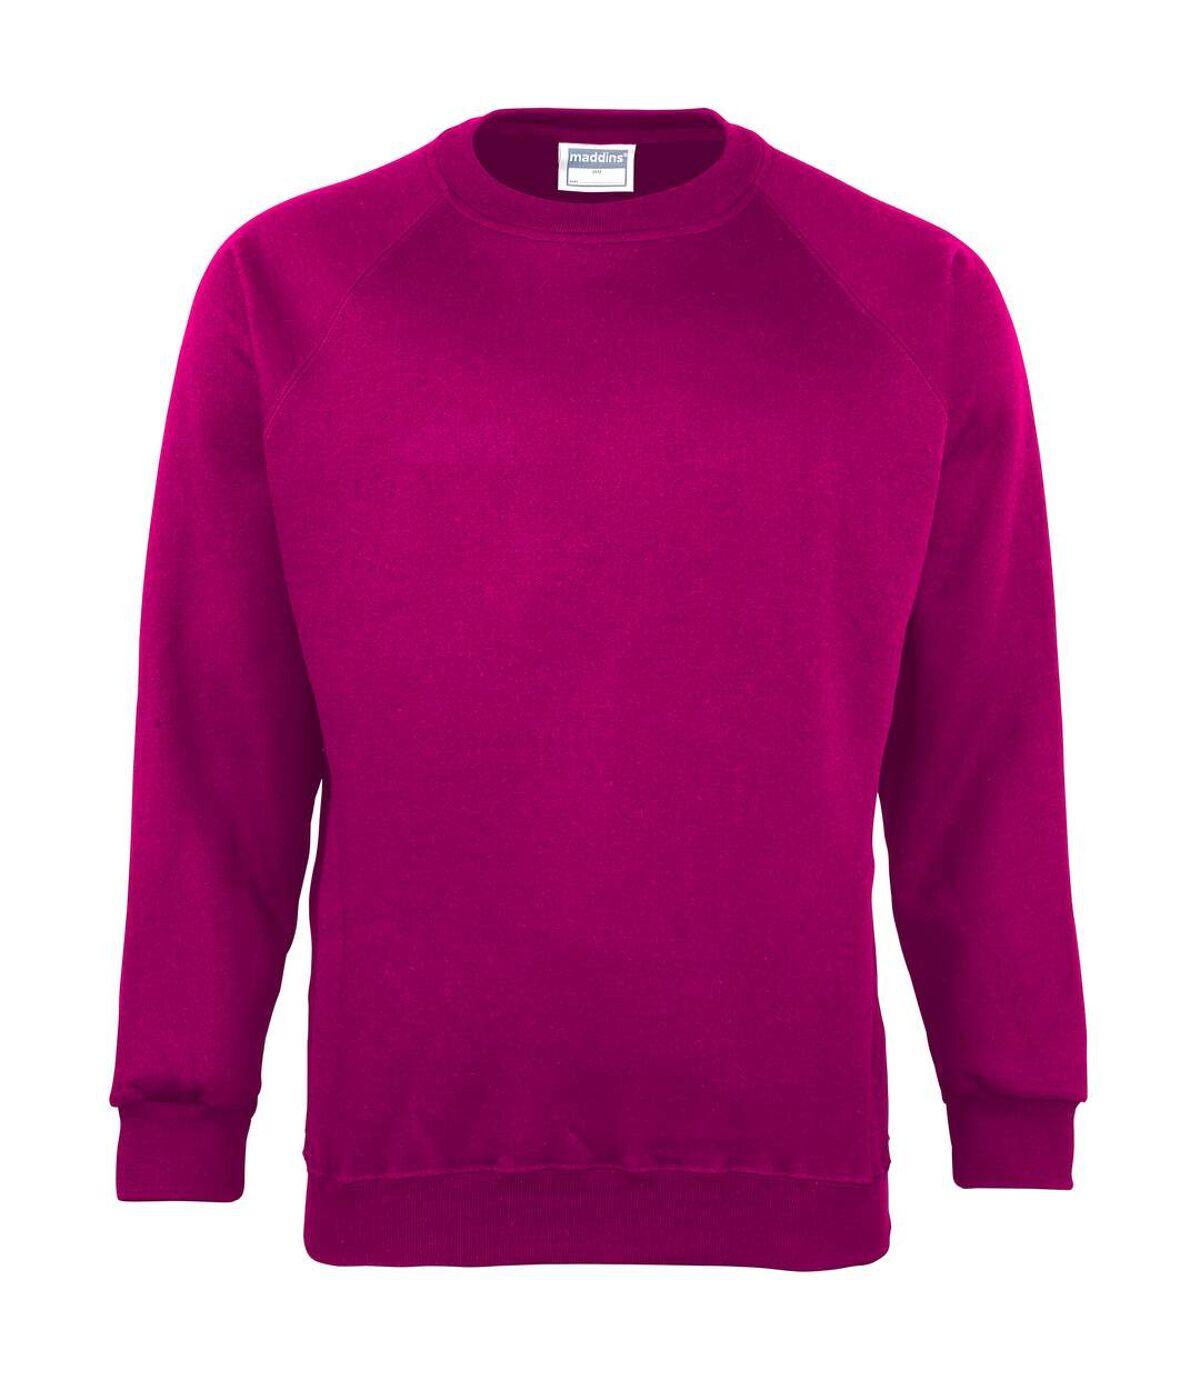 Maddins - Sweatshirt - Homme (Gris Oxford) - UTRW842